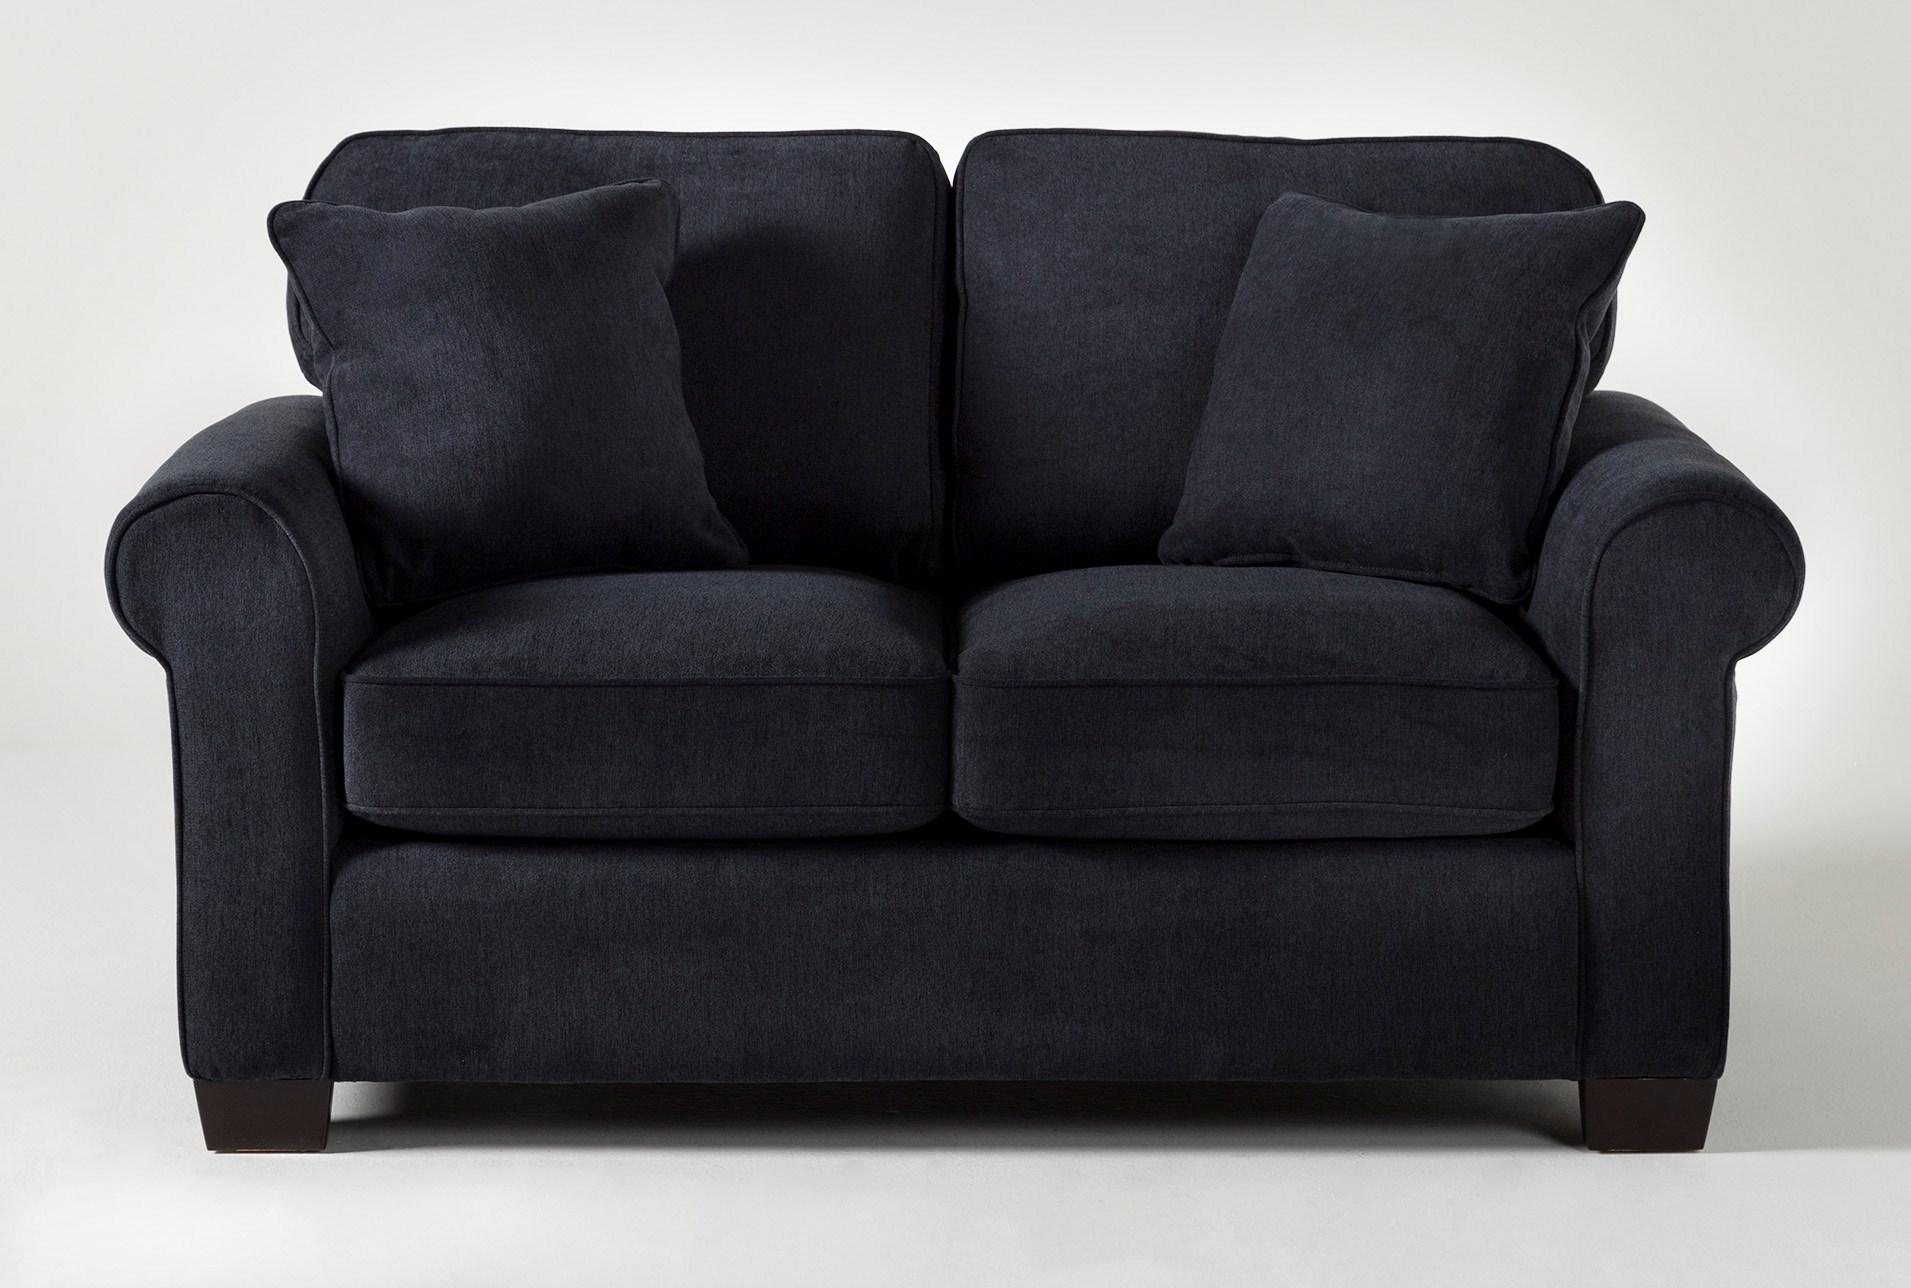 Margot Denim Twin Sleeper Sofa With Pillow Top Mattress ...